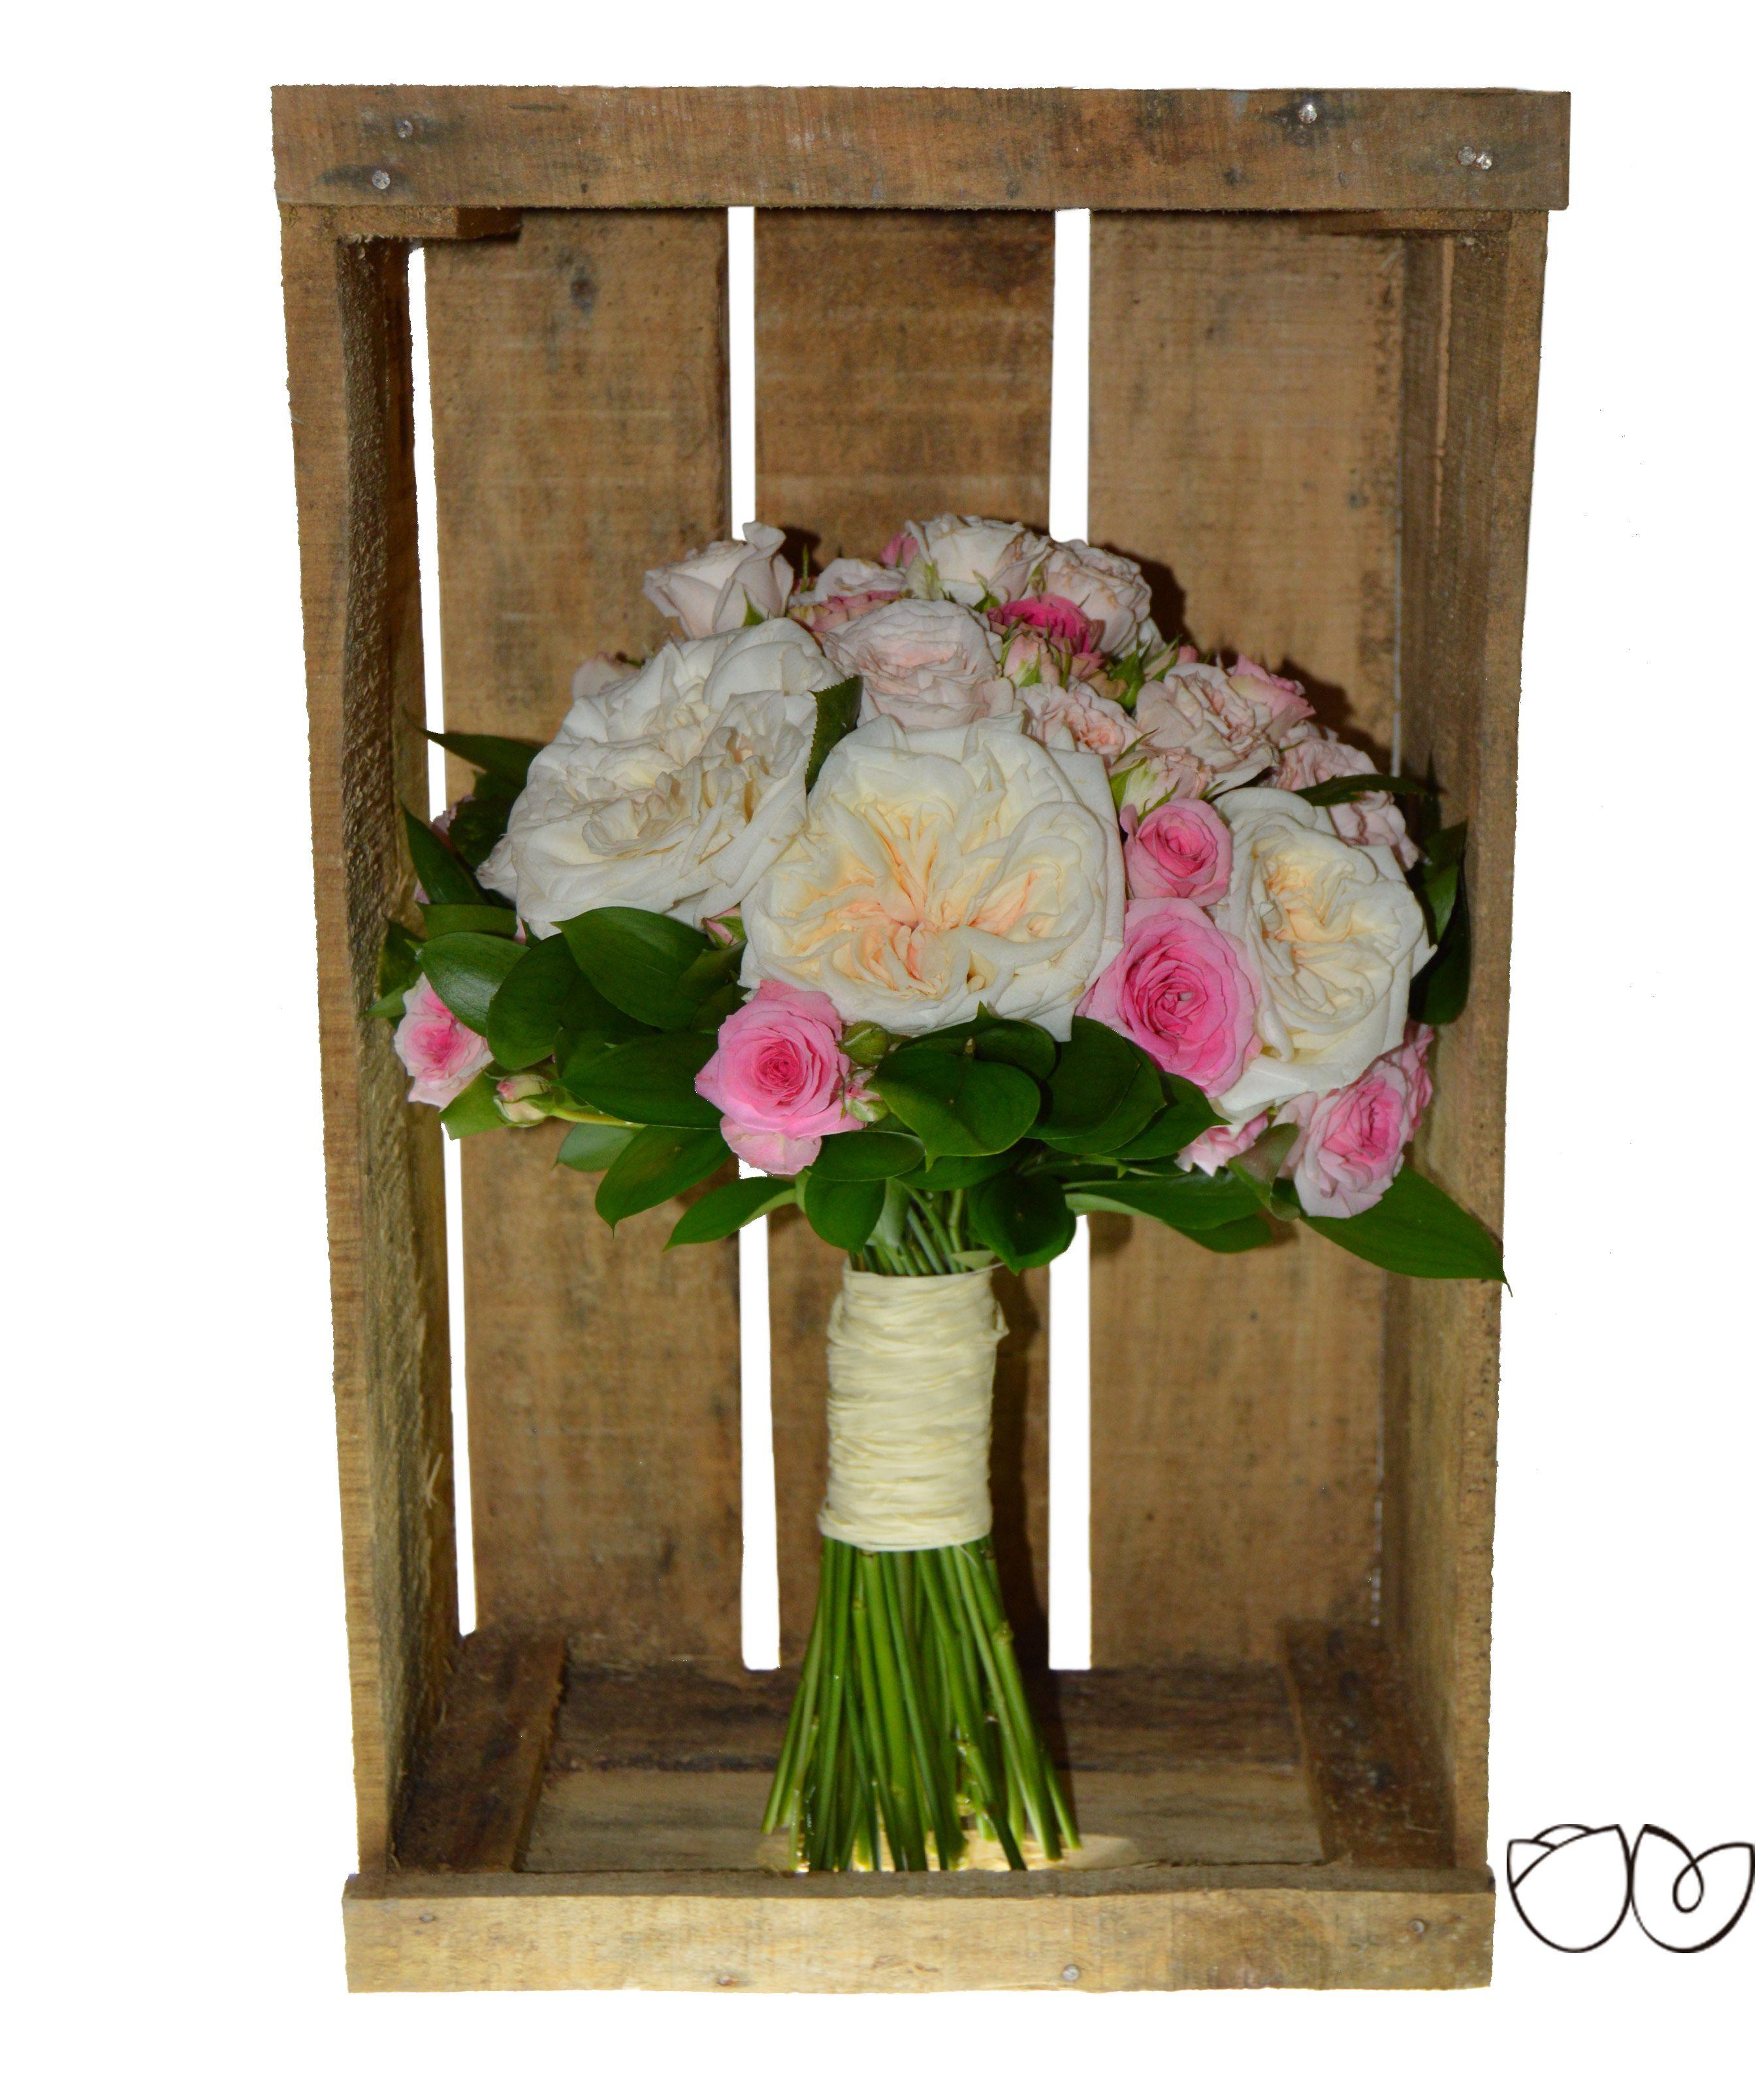 ∞ Laguna Rosa ∞ La rosa es una de las flores más preciosas que se puede encontrar. Si para tu ramo de novia quieres un clásico bouquet de un único tipo de flor tienes este de rosas blancas y rosas. Elaborado con grandes rosas de jardín color blanco roto y con rosas de pitiminí color rosa adornado con verdes variados, deja los tallos a la vista recogidos con una cinta.